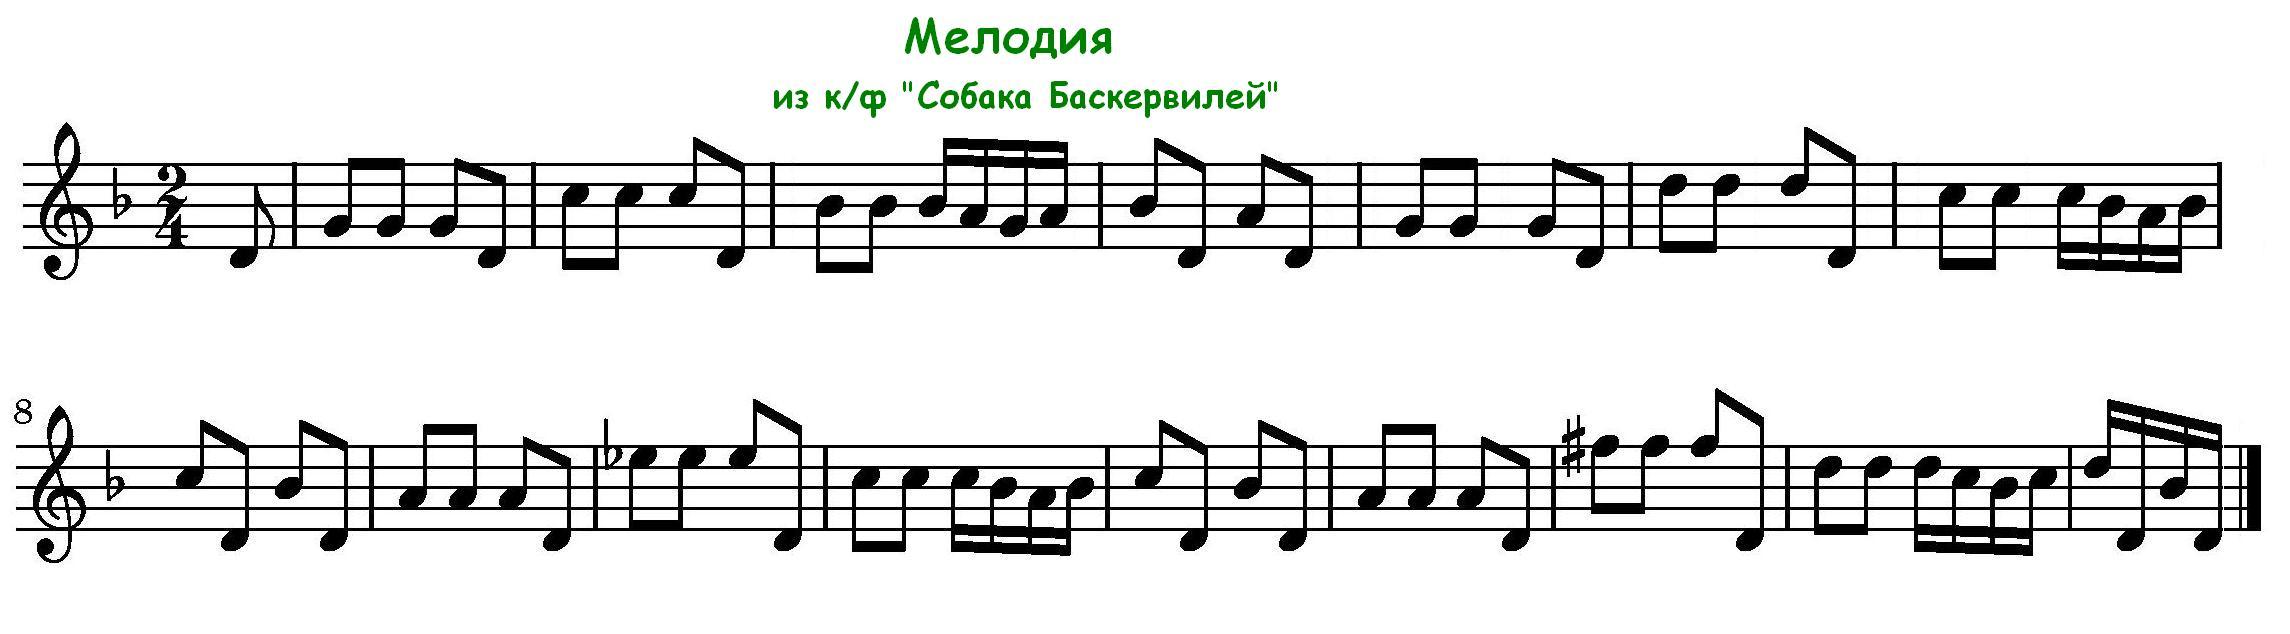 Скачать мелодии игры на скрипке